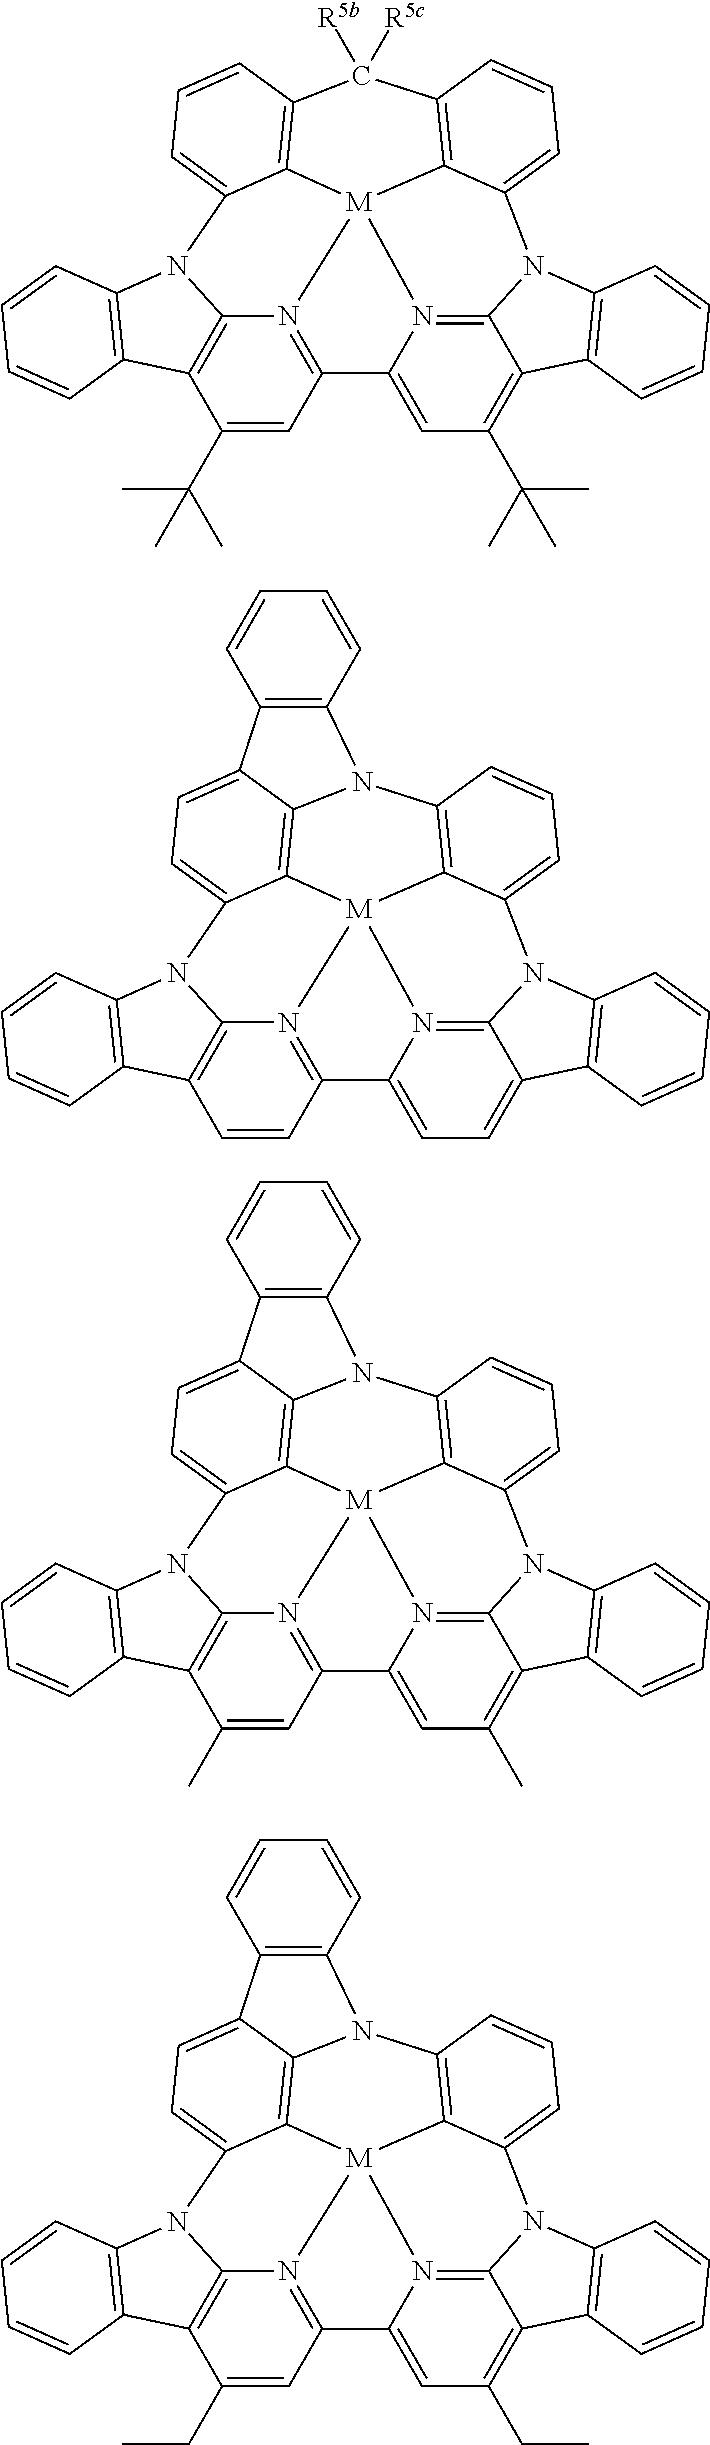 Figure US10158091-20181218-C00239